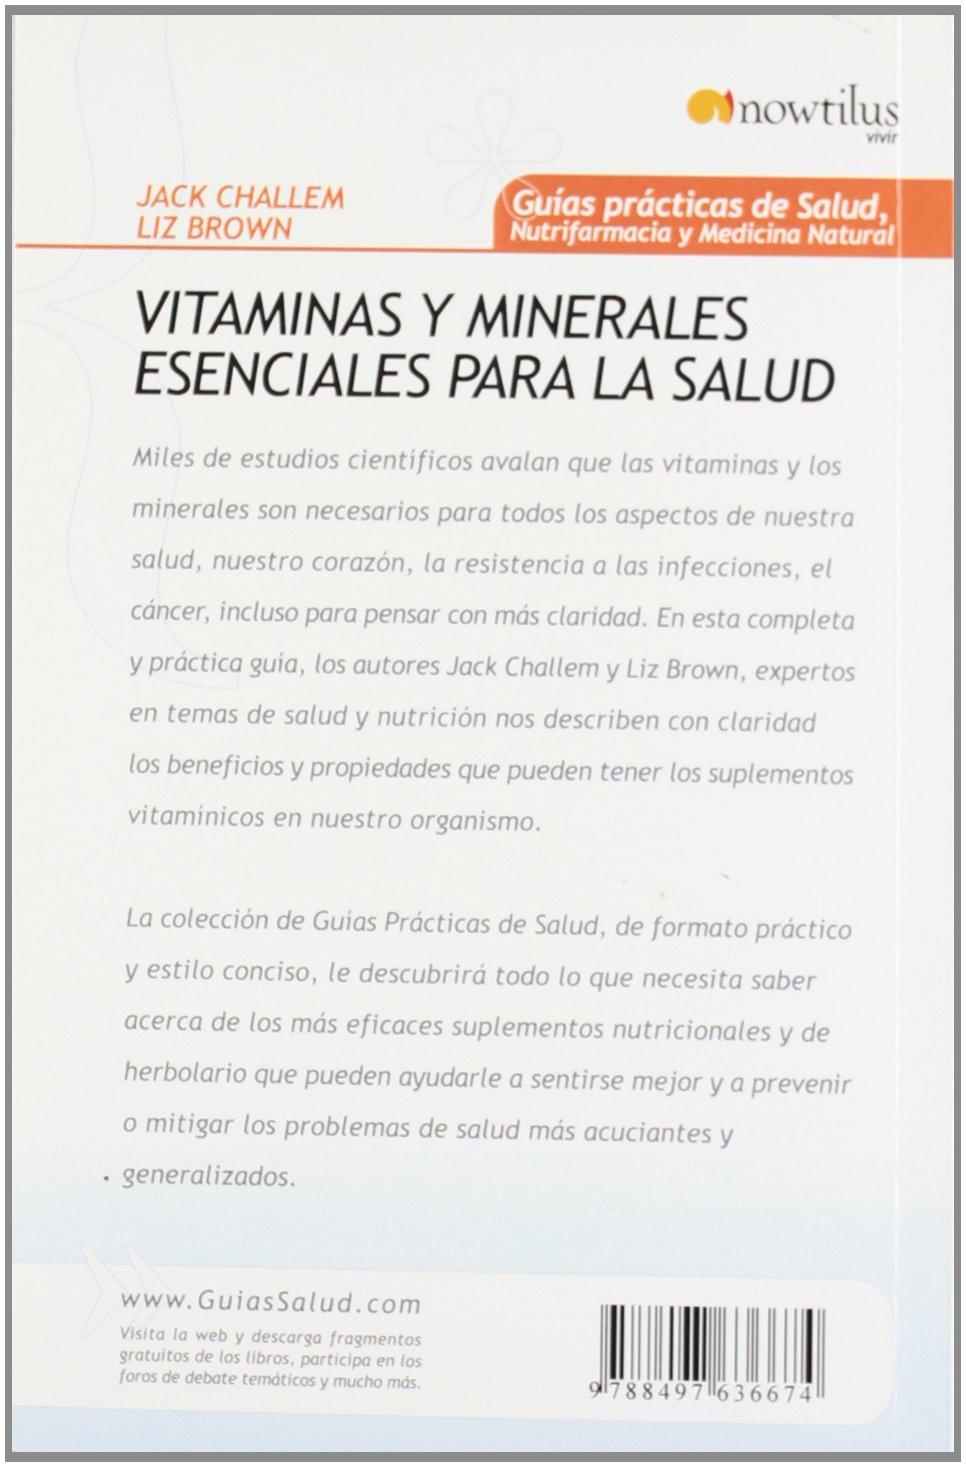 Vitaminas Y Minerales Esenciales Para La Salud Gu¡as Prácticas de Salud: Amazon.es: Jack Challem, Liz Brown, Carlos G. Wernicke: Libros